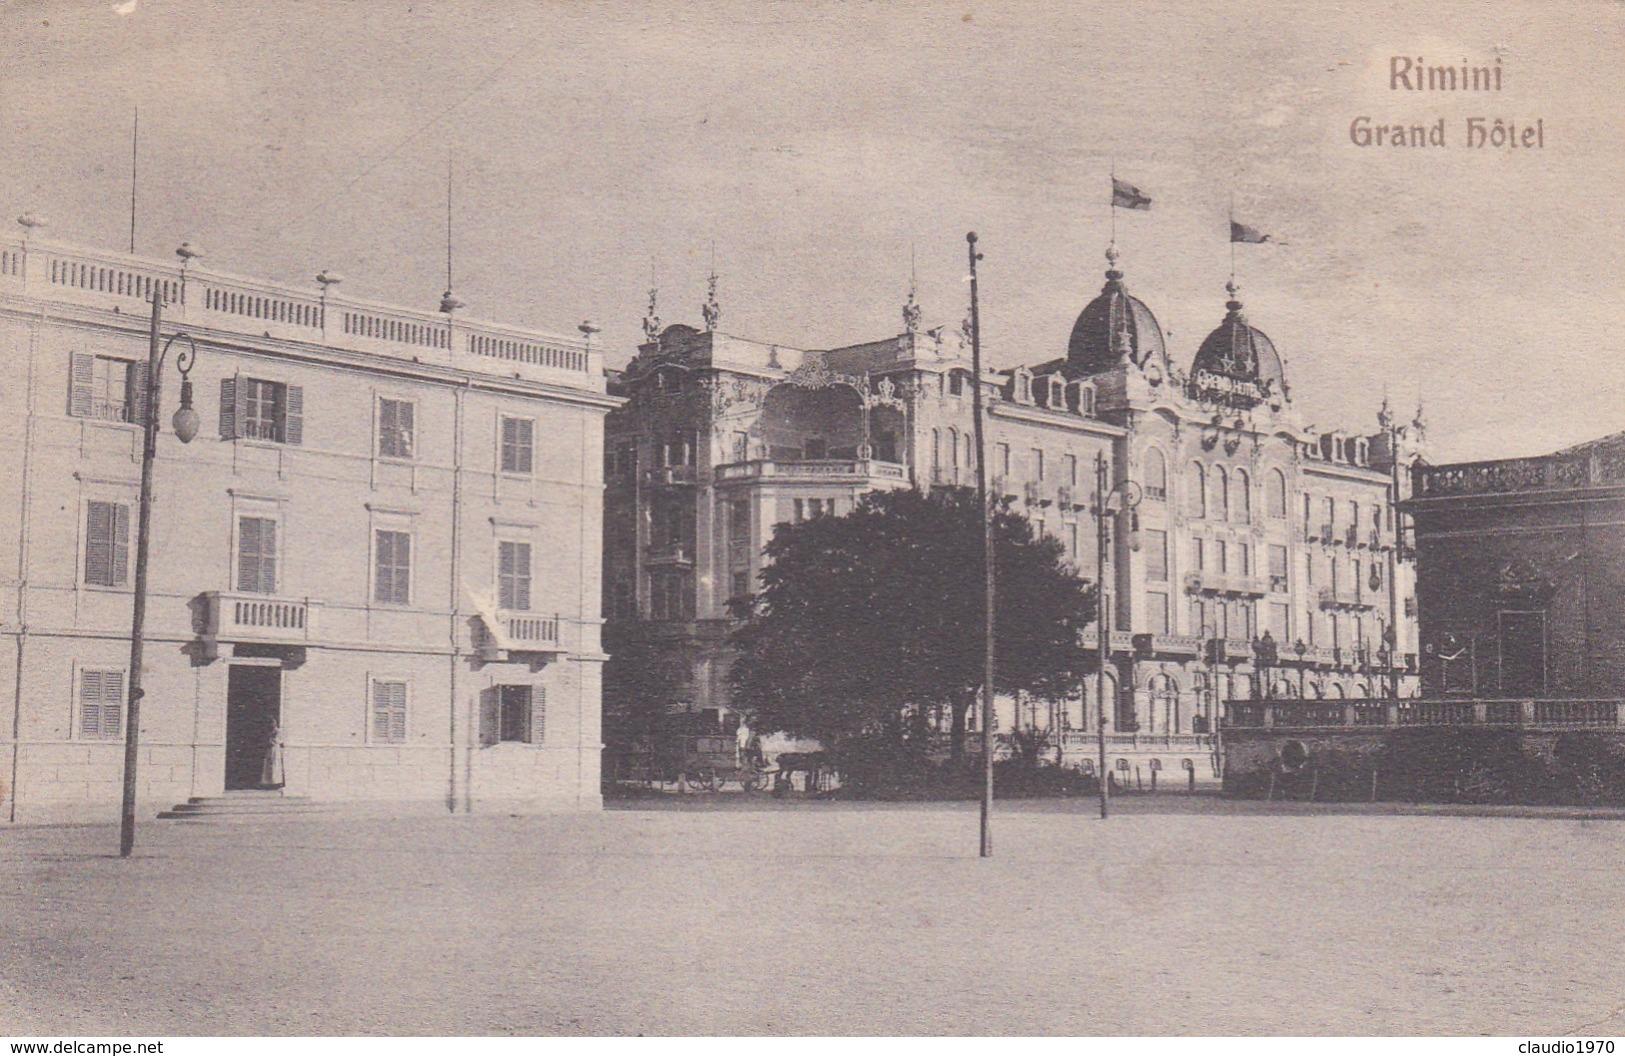 CARTOLINA - RIMINI - GRAND HOTEL - VIAGGIATA DA RIMINI PER CAZZANO ( BESANA BRIANZA ) - Rimini